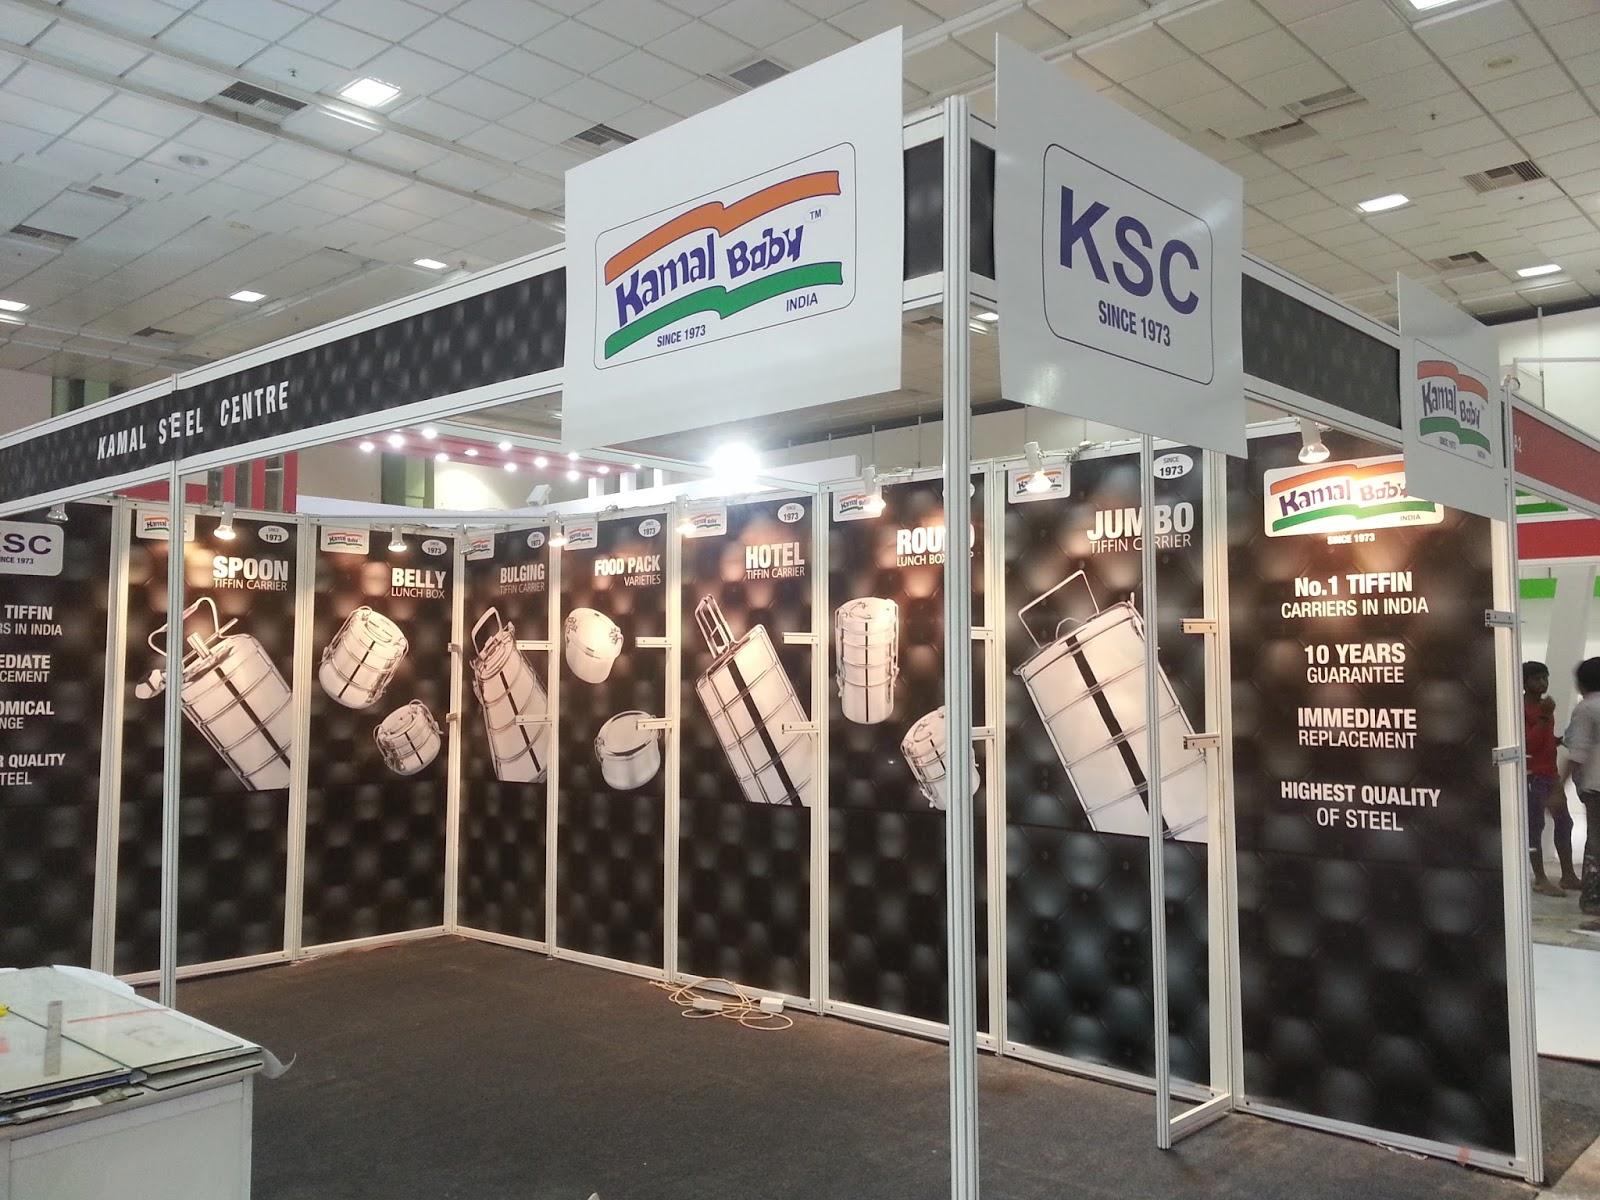 Exhibition Stall Builders In Sri Lanka : Exhibition stall design for kamal steel center kamal baby 2015